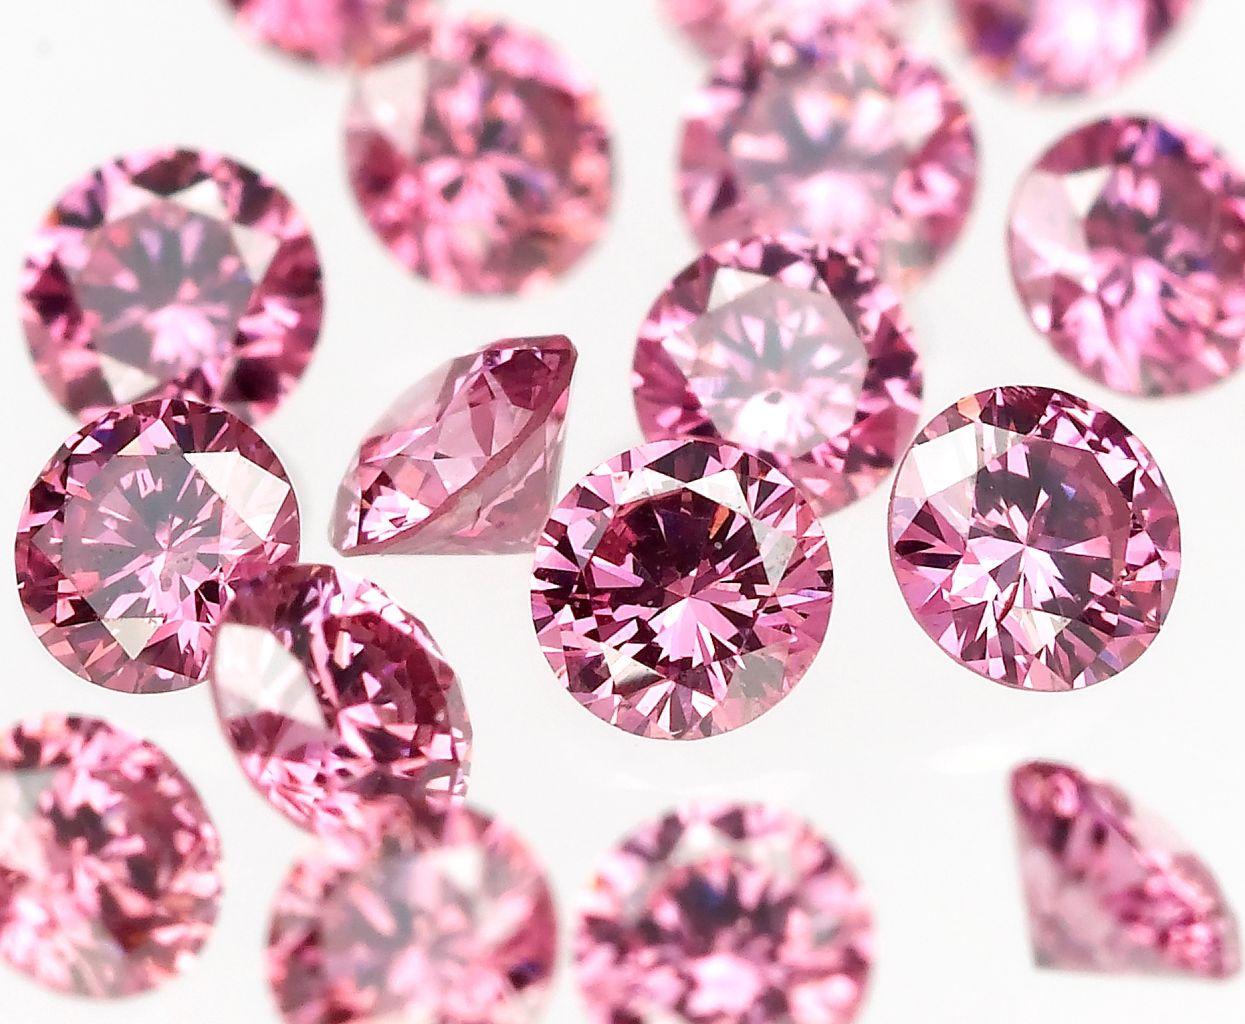 [婚約指輪]新潟で購入できるピンクダイヤモンドの指輪特集 0.1%の奇跡 手に入れるなら今の内!